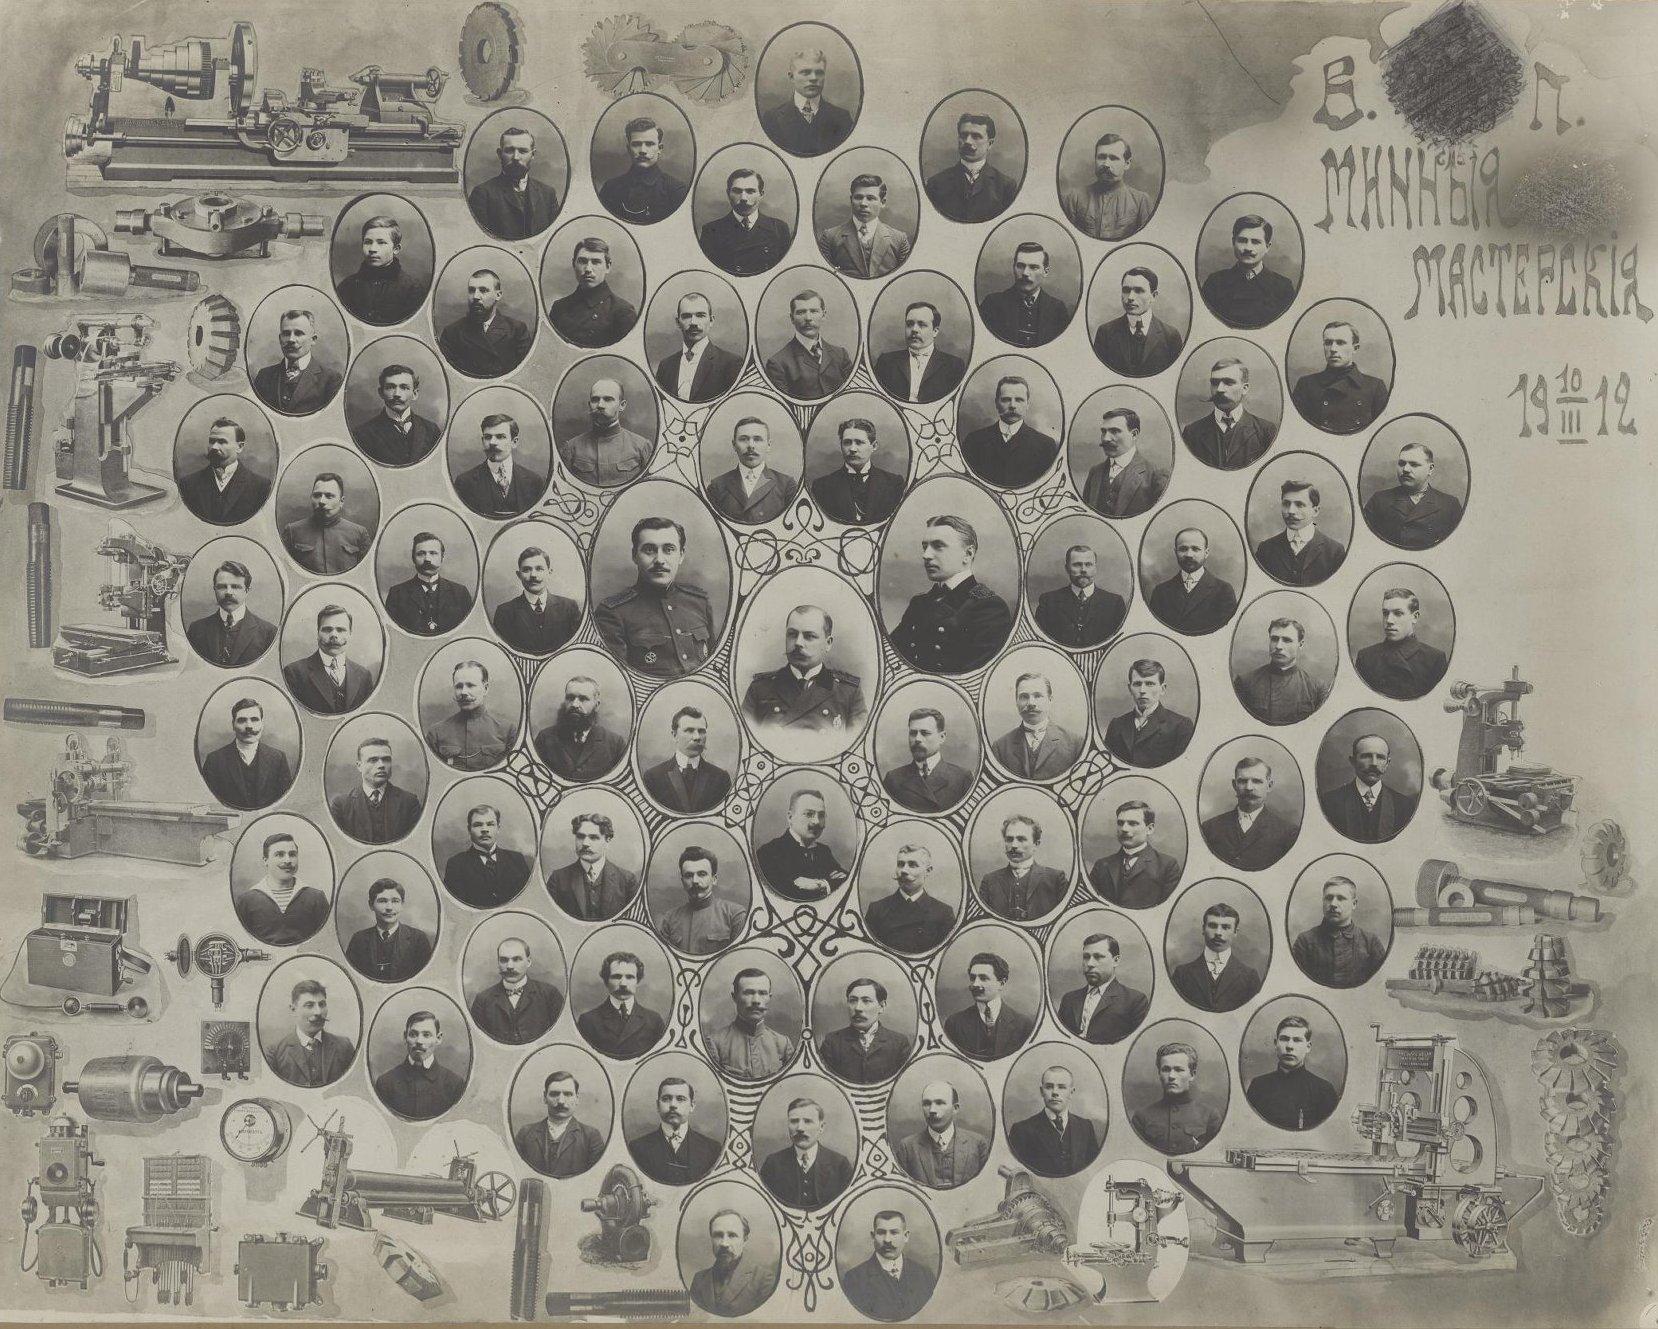 Работники минных мастерских военного порта. 10 марта 1912